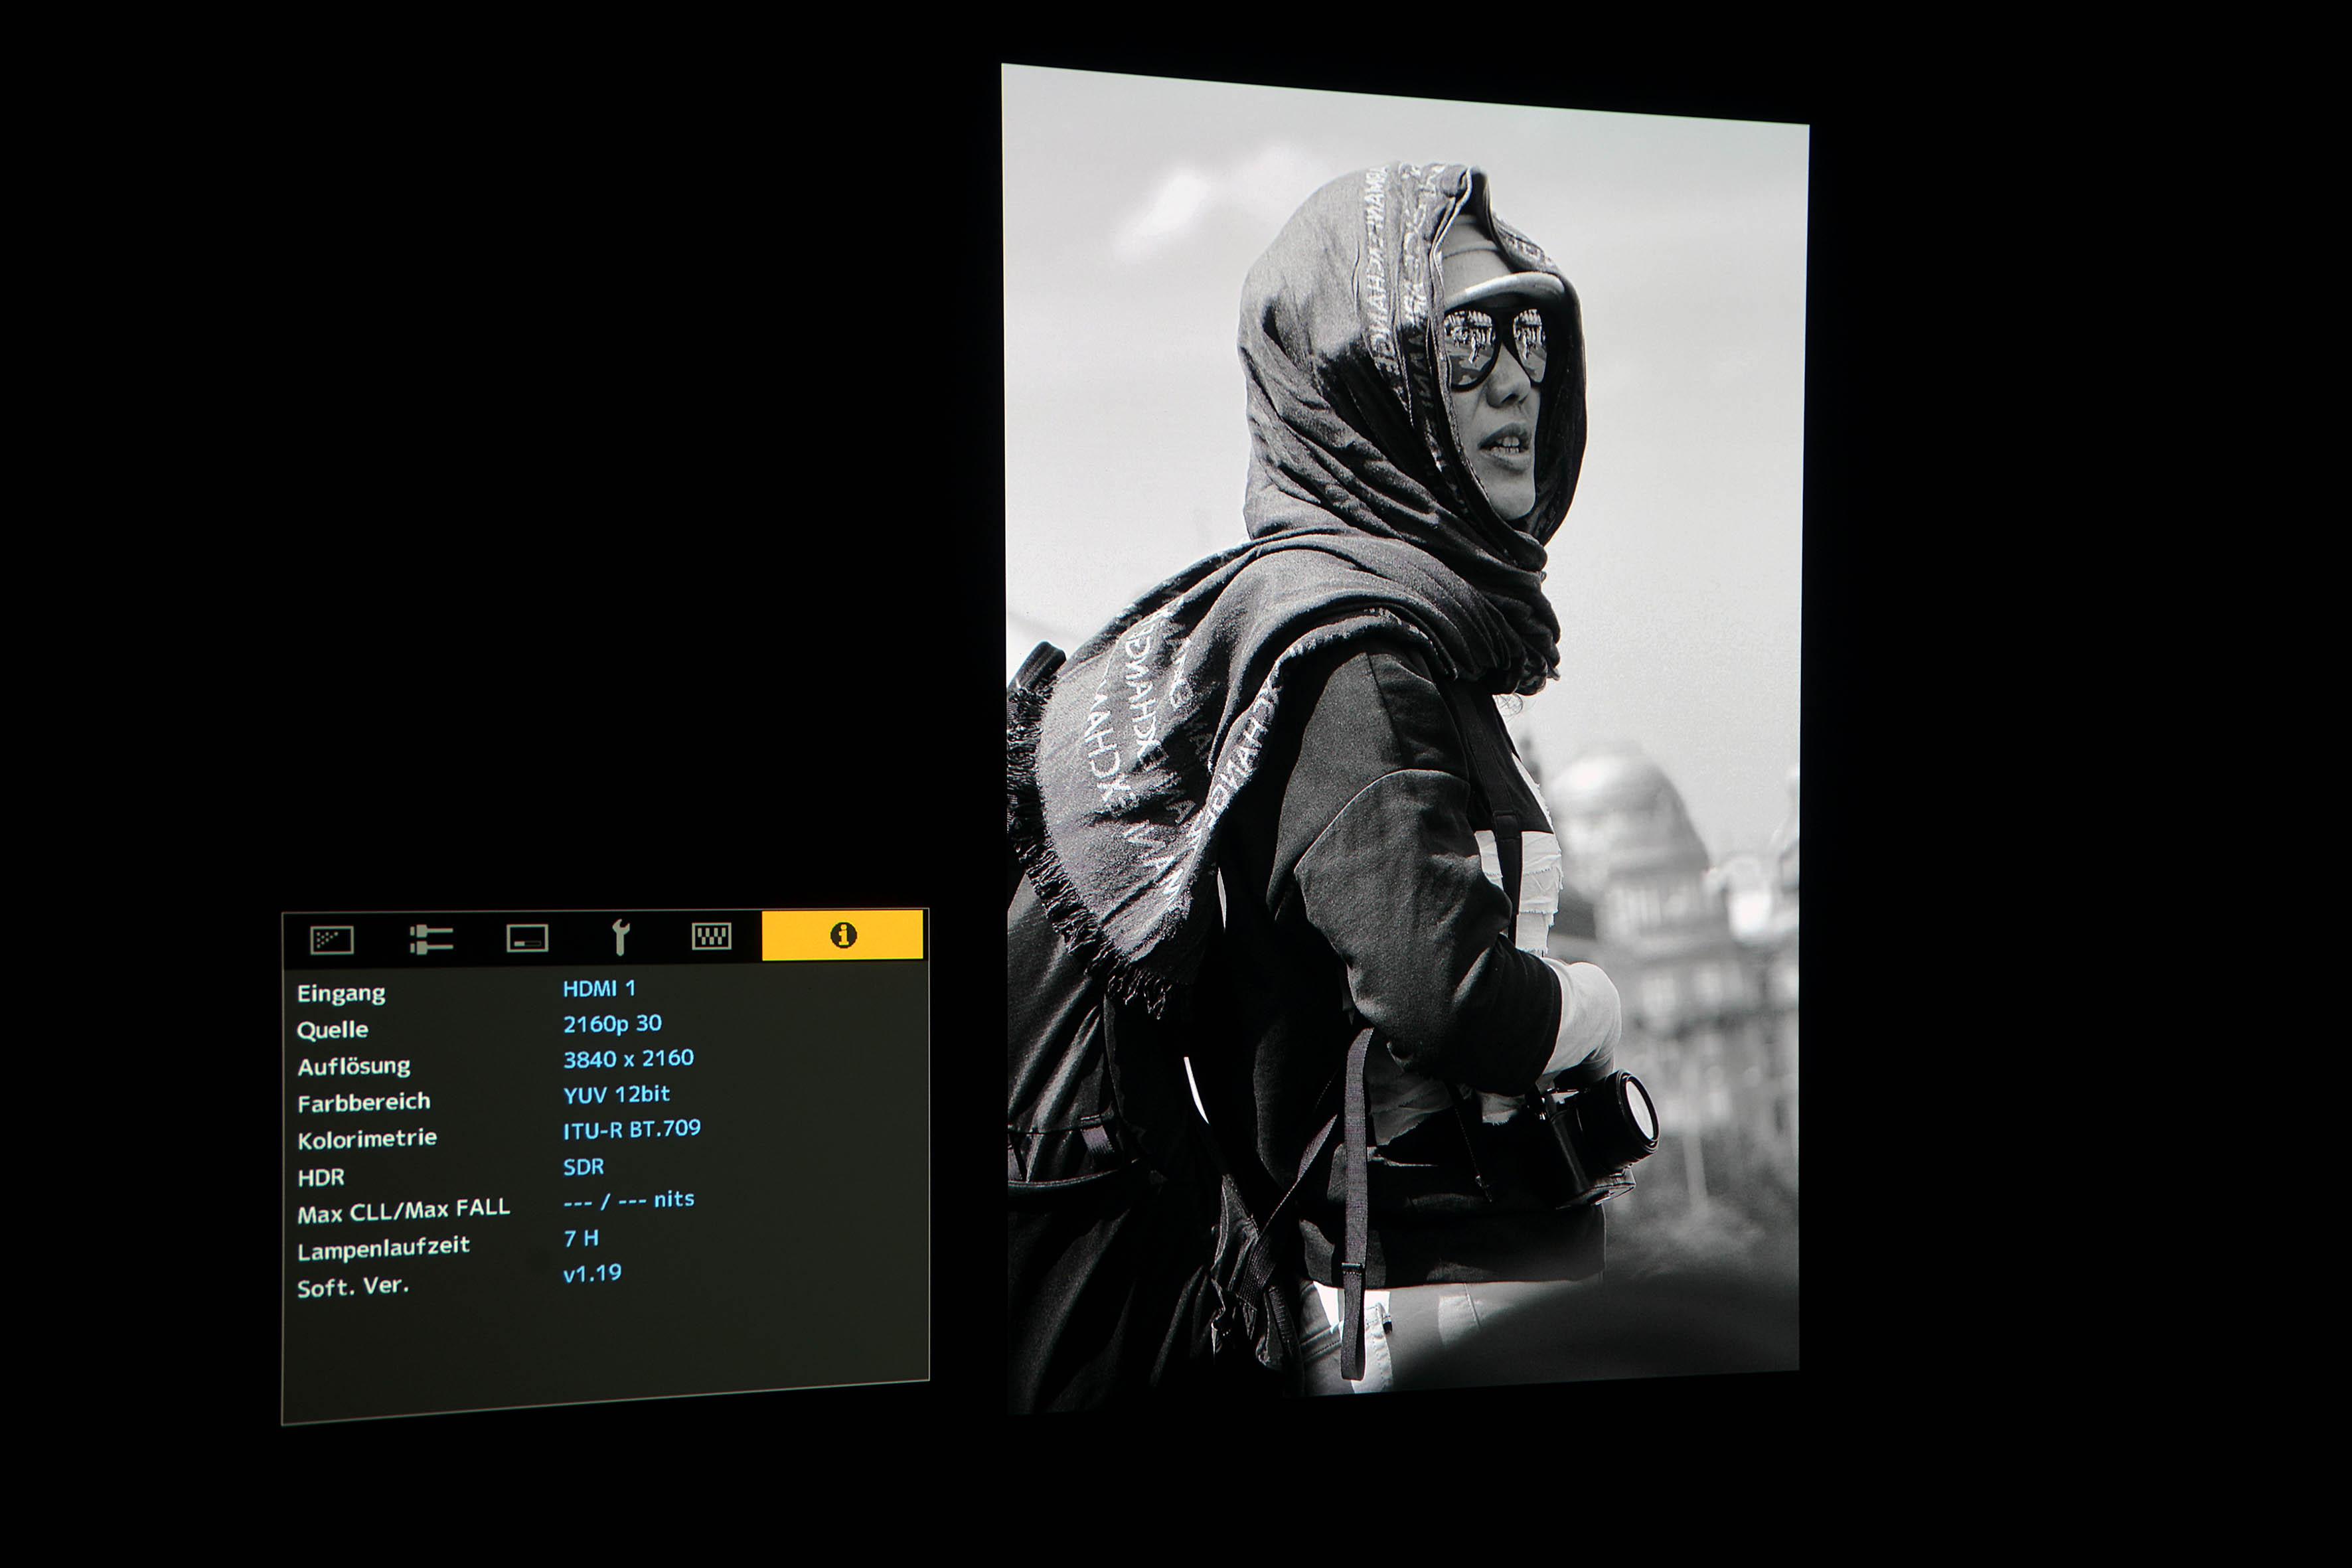 Foto: Michael B. Rehders Die Schwarz/Weiß-aufnahme der Fotografin in Prag gefällt mir mit dem JVC DLA-N7 prächtig. Das Werk wird völlig farbneutral auf der Leinwand abgebildet.